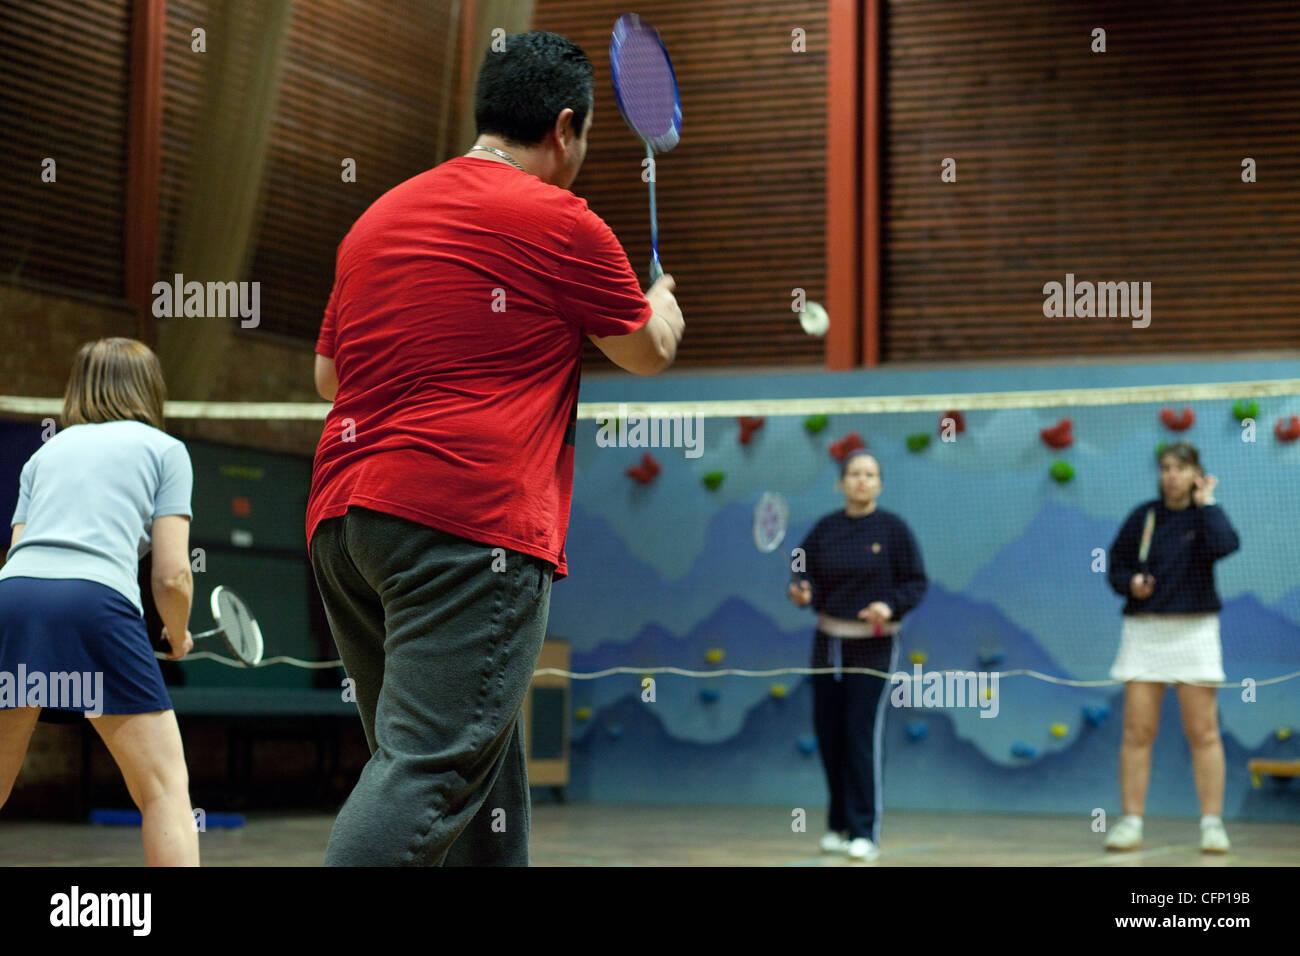 Persone a giocare a badminton gioco di doppie, Newmarket Suffolk REGNO UNITO Immagini Stock